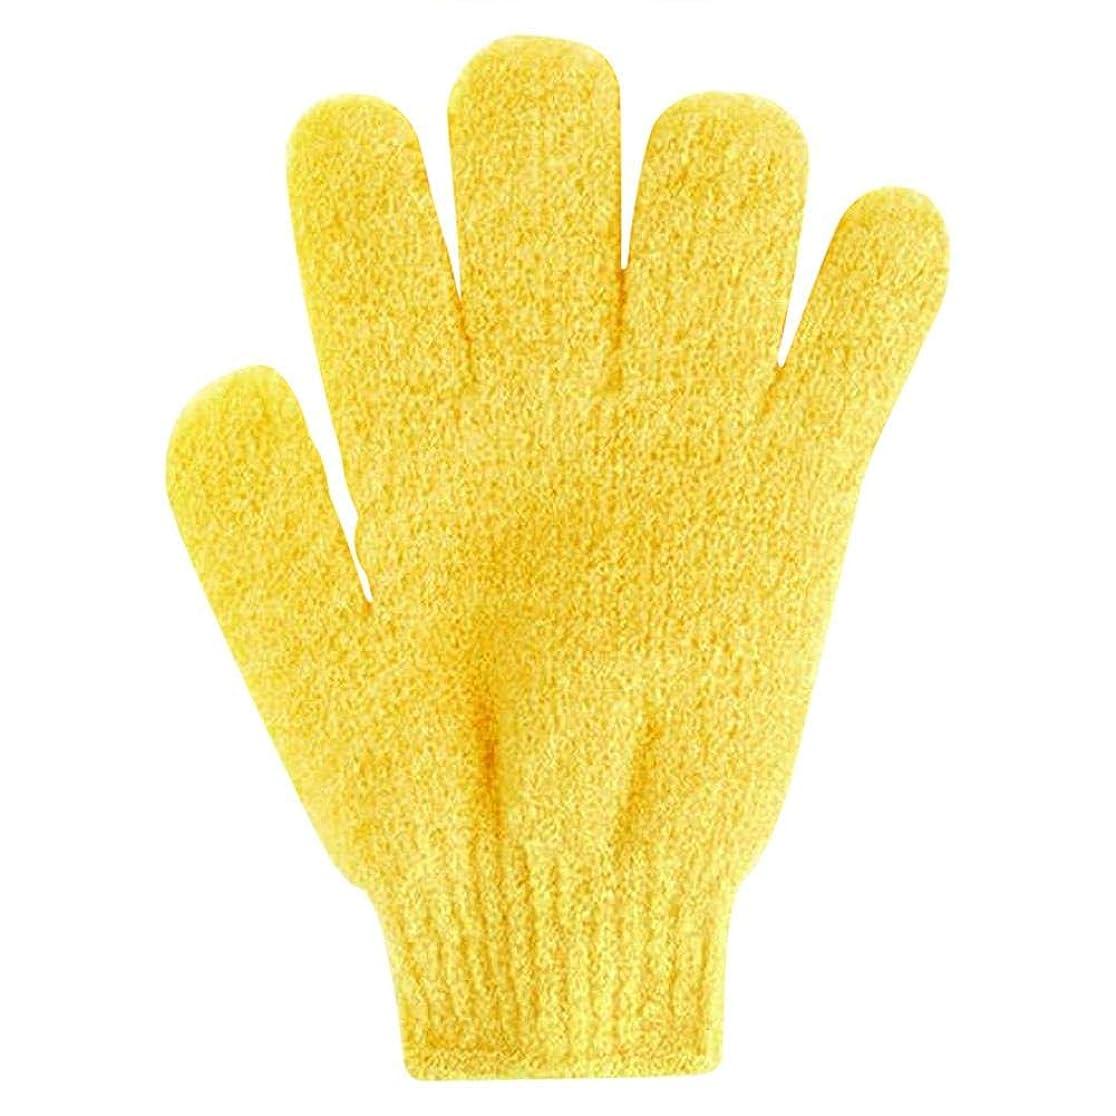 趣味上に尊敬RYOKOZASHI お風呂手袋 五本指 浴用手袋 角質除去 泡立ち 入浴用品 便利なループ付け 男女兼用 黄